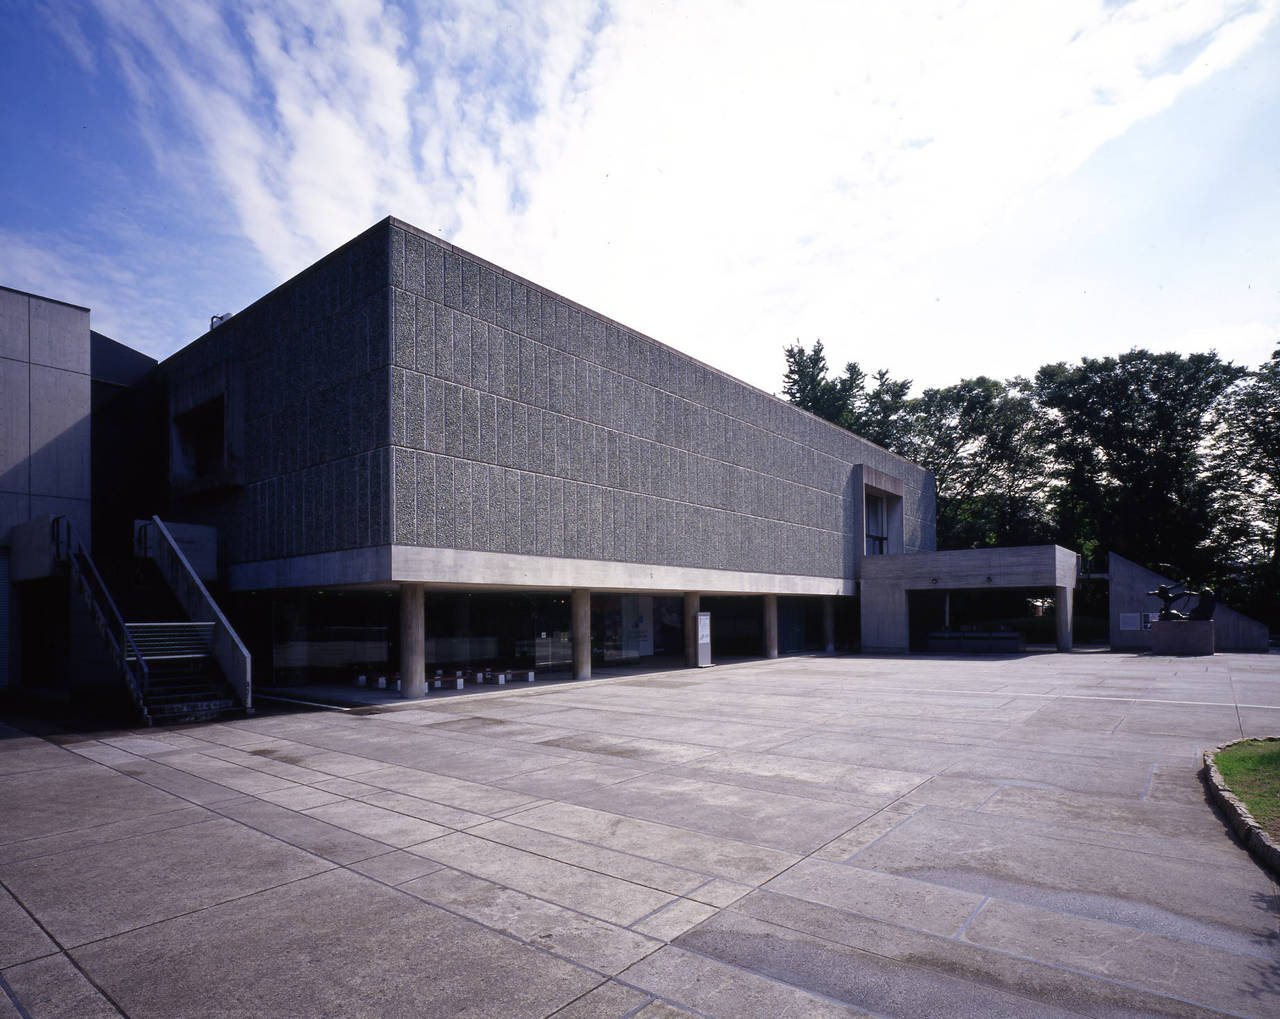 世界遺產國立西洋美術館設計師 勒·柯比意作品展就在上野